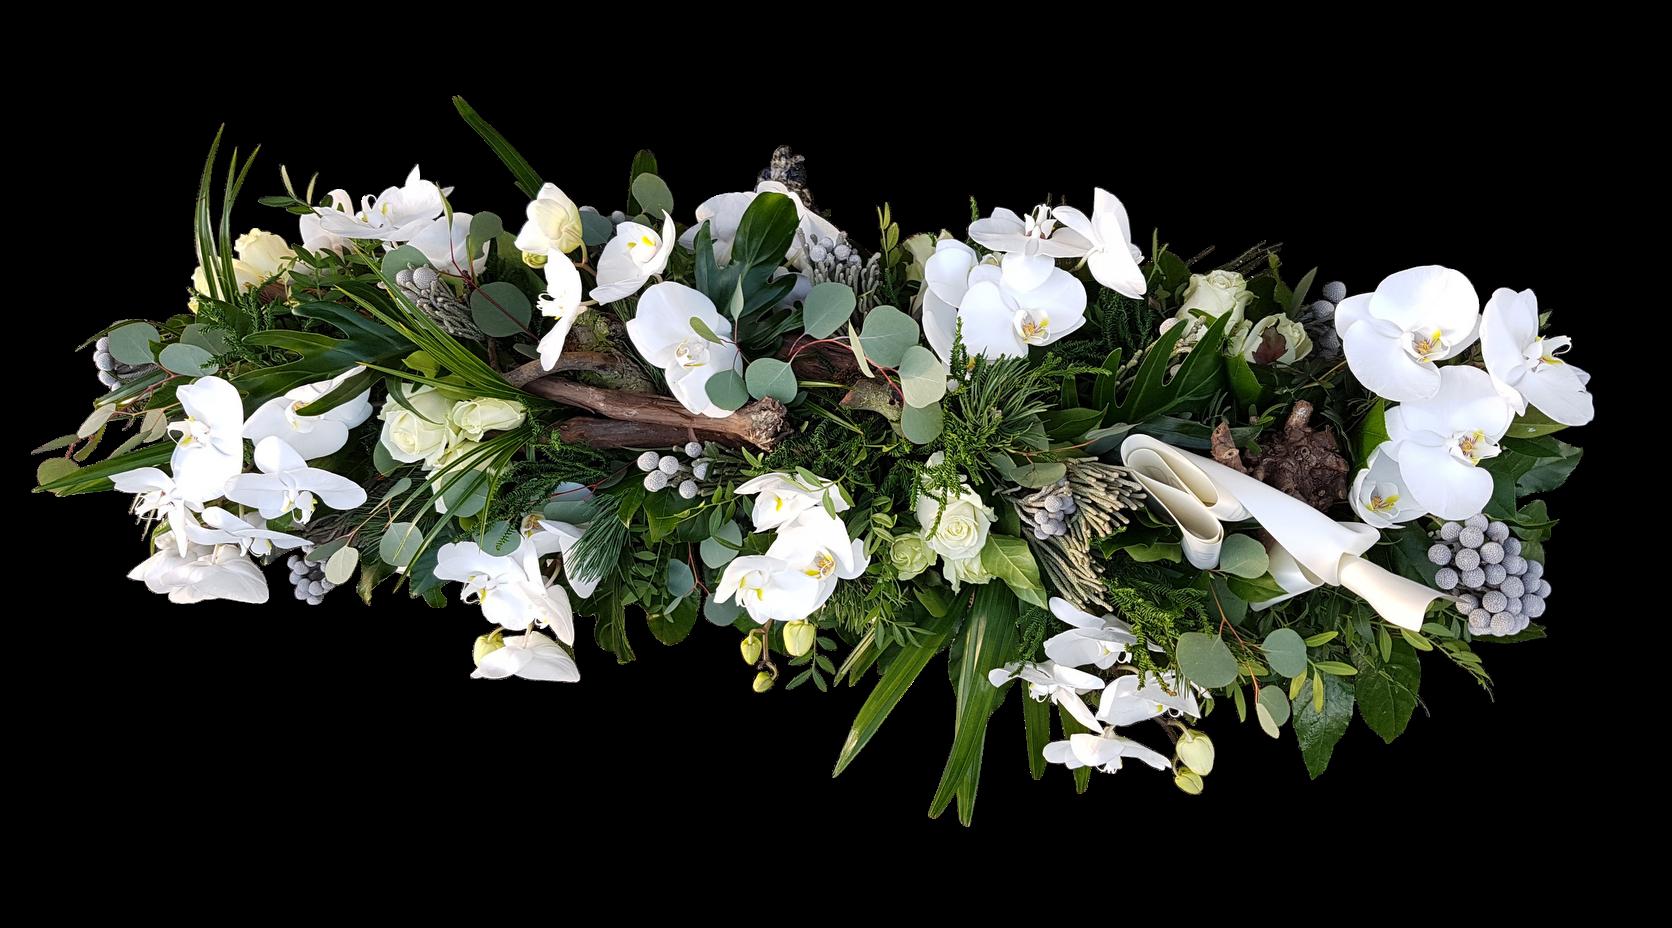 kistbedekking met druiventak paleanopsis